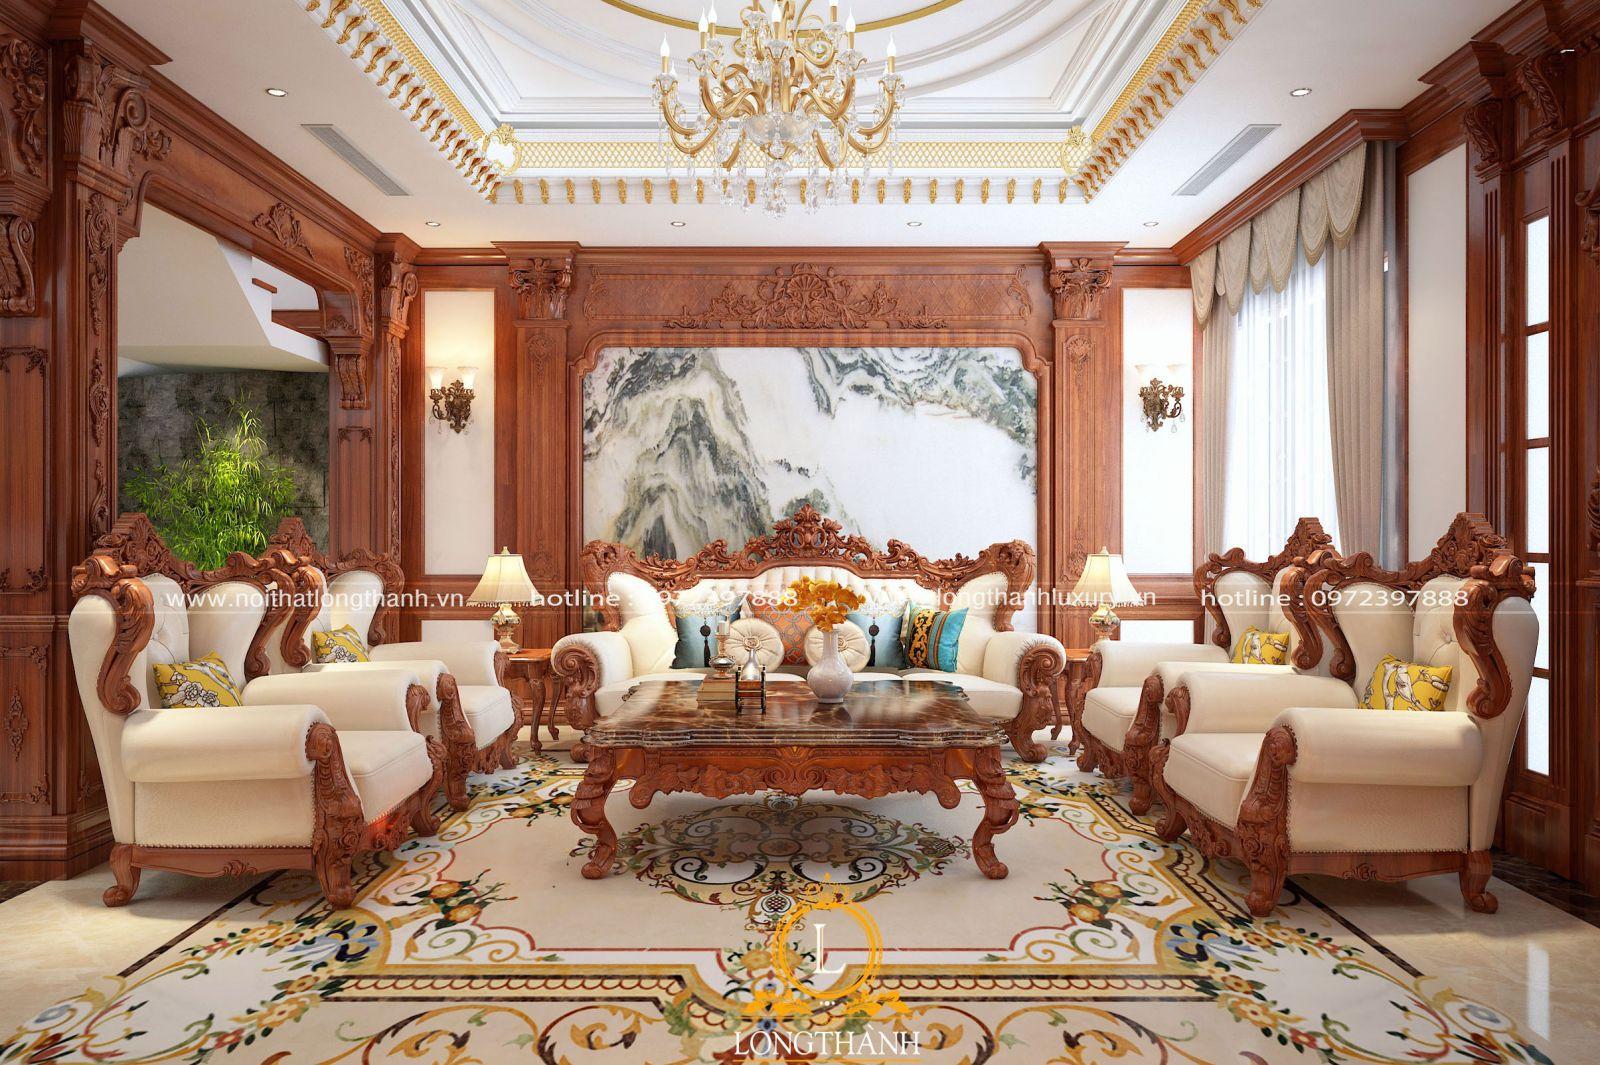 Mẫu sofa tân cổ điển cầu kì phù hợp với những không gian rộng